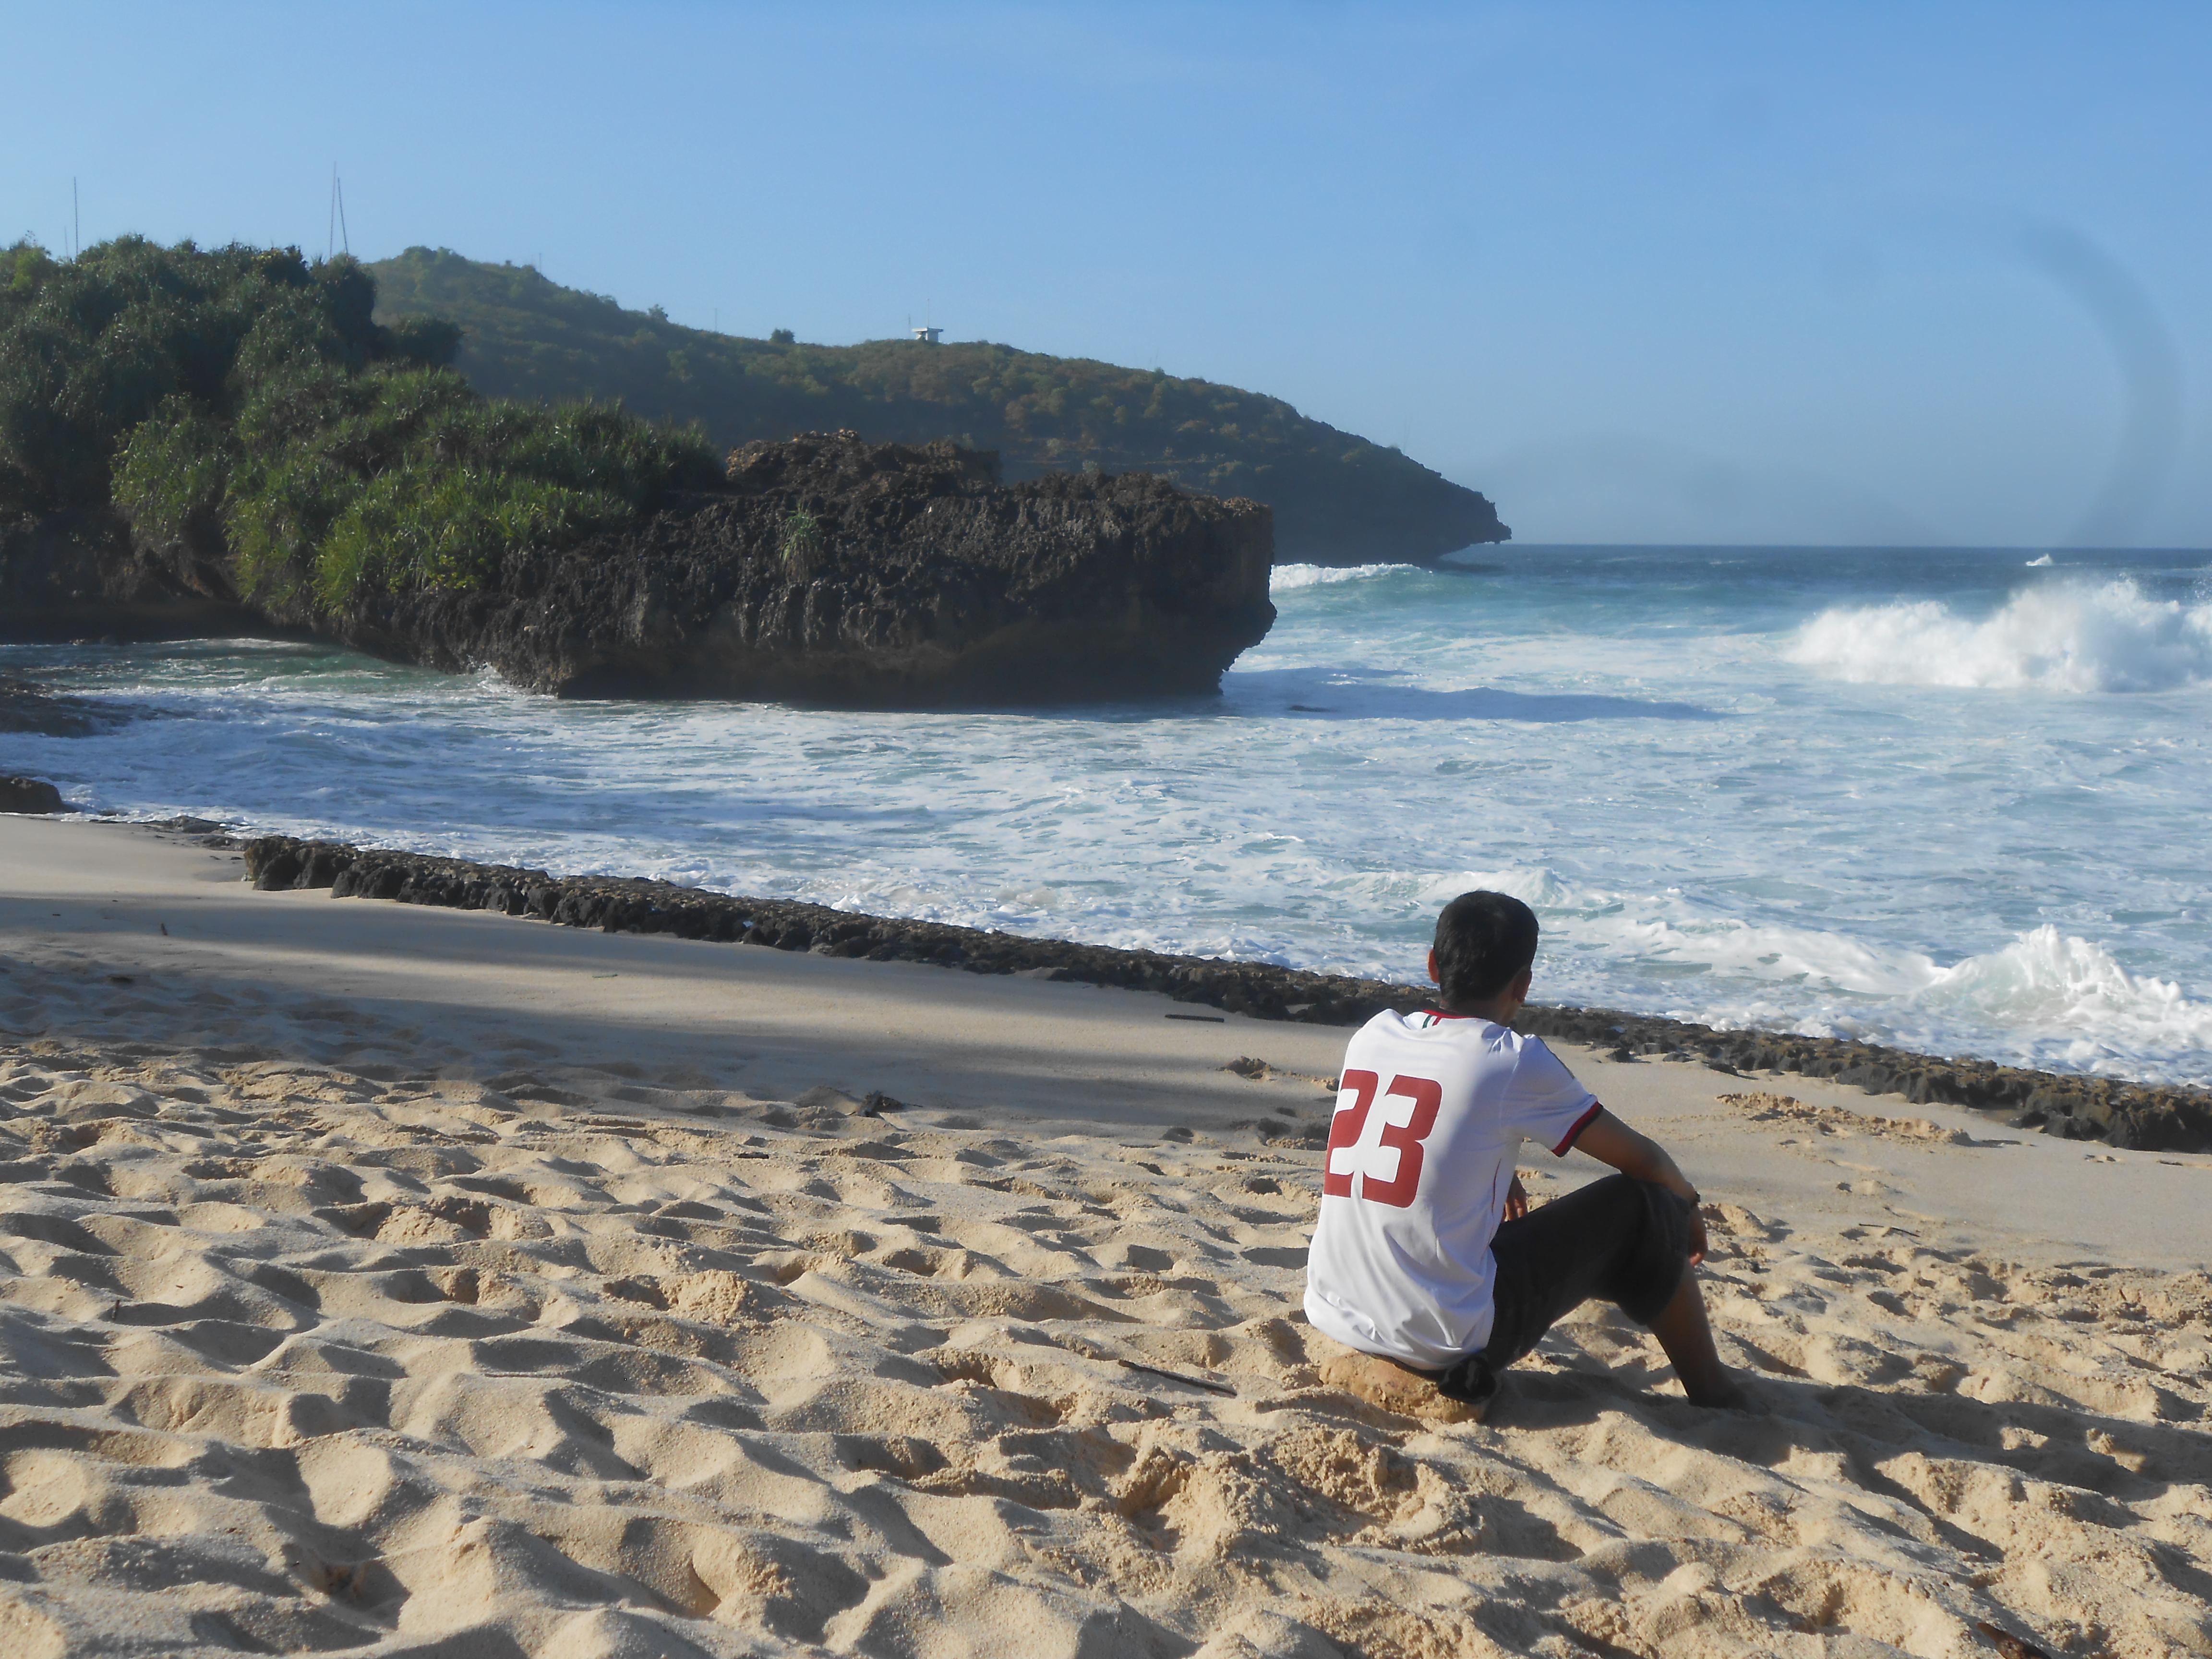 Pantai Srau Nyaman Cocok Buat Camping Pacitan Islamudin Punya Meski